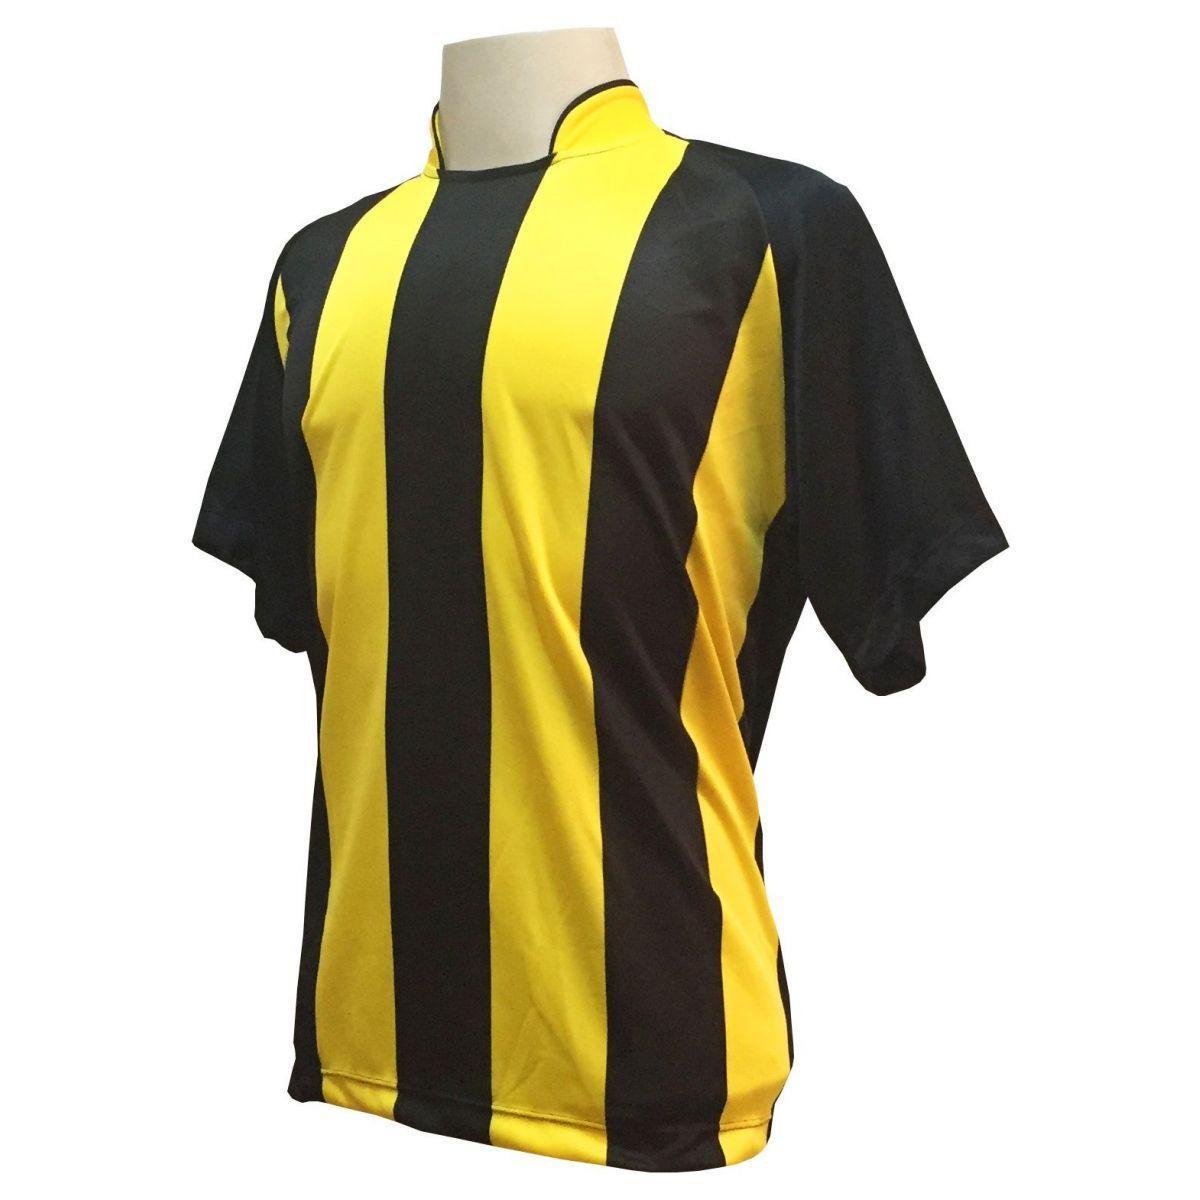 Uniforme Esportivo com 12 camisas modelo Milan Preto Amarelo + 12 calções  modelo Copa + 1 Goleiro + Brindes - Play fair - Futebol - Magazine Luiza 239ad6378bd33